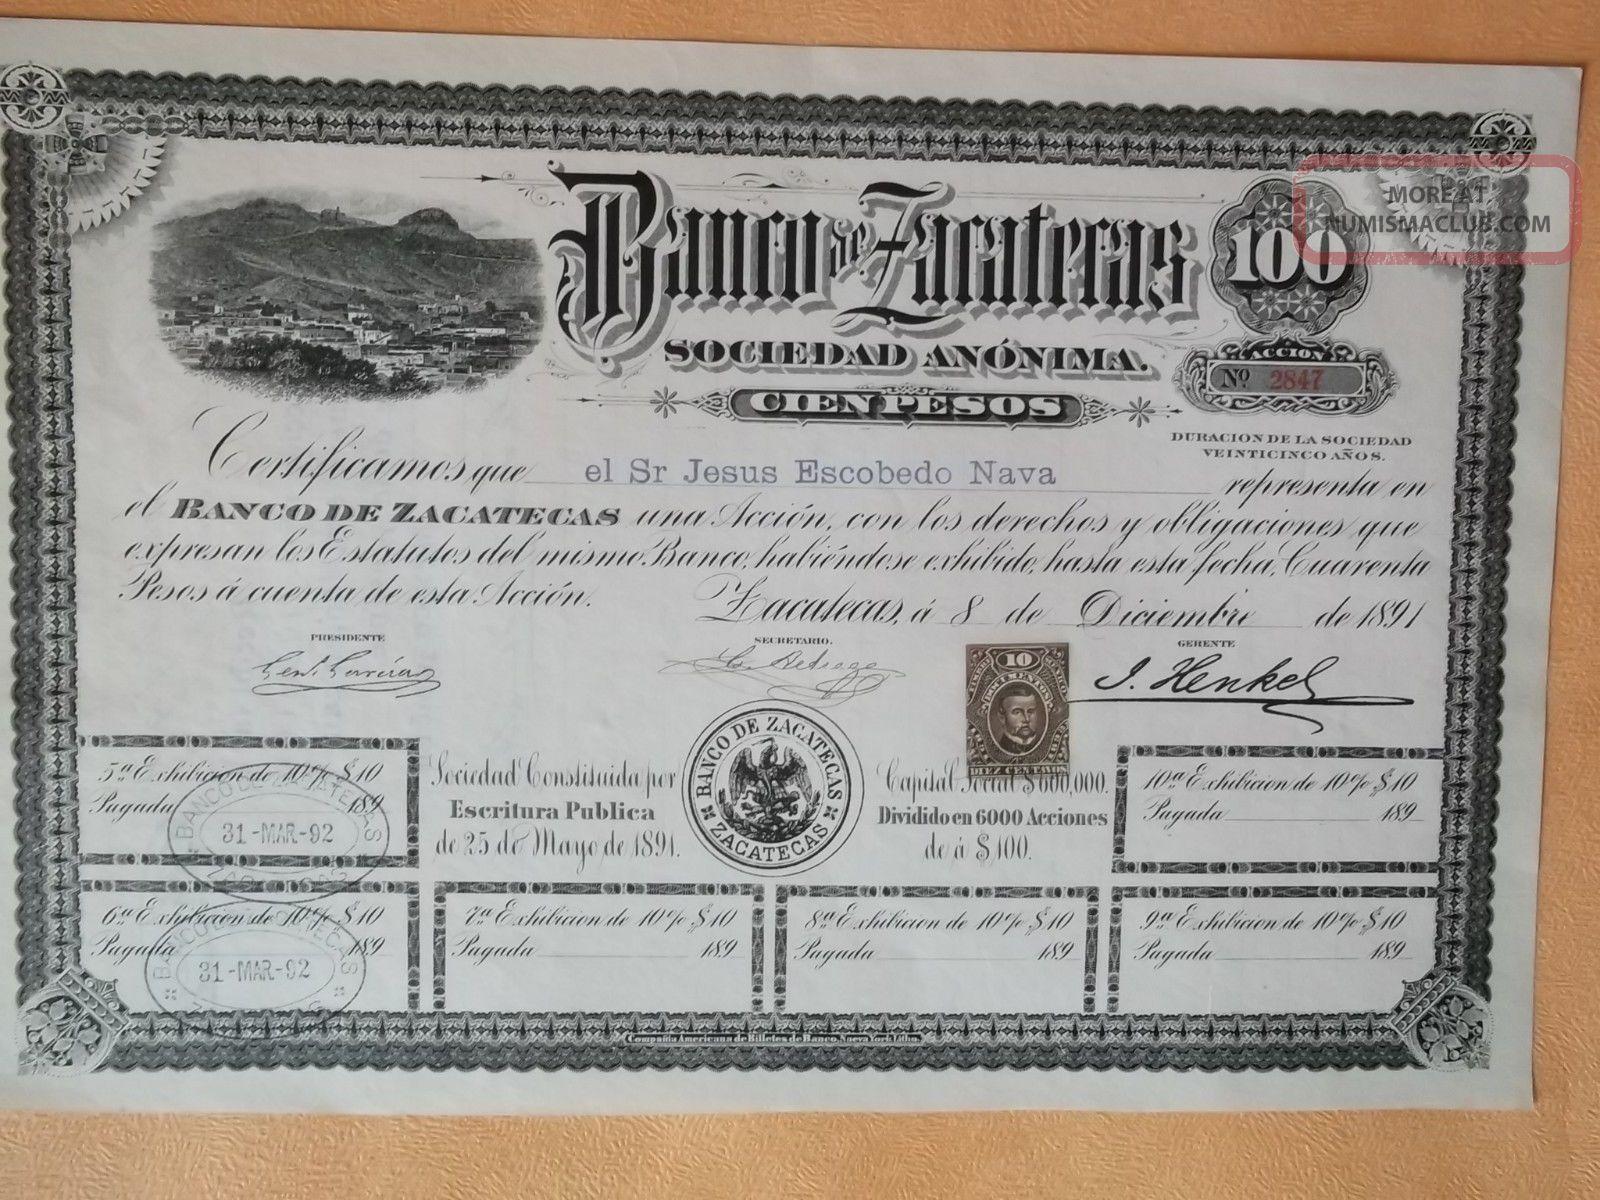 Mexico Banco De Zacatecas $100 World photo